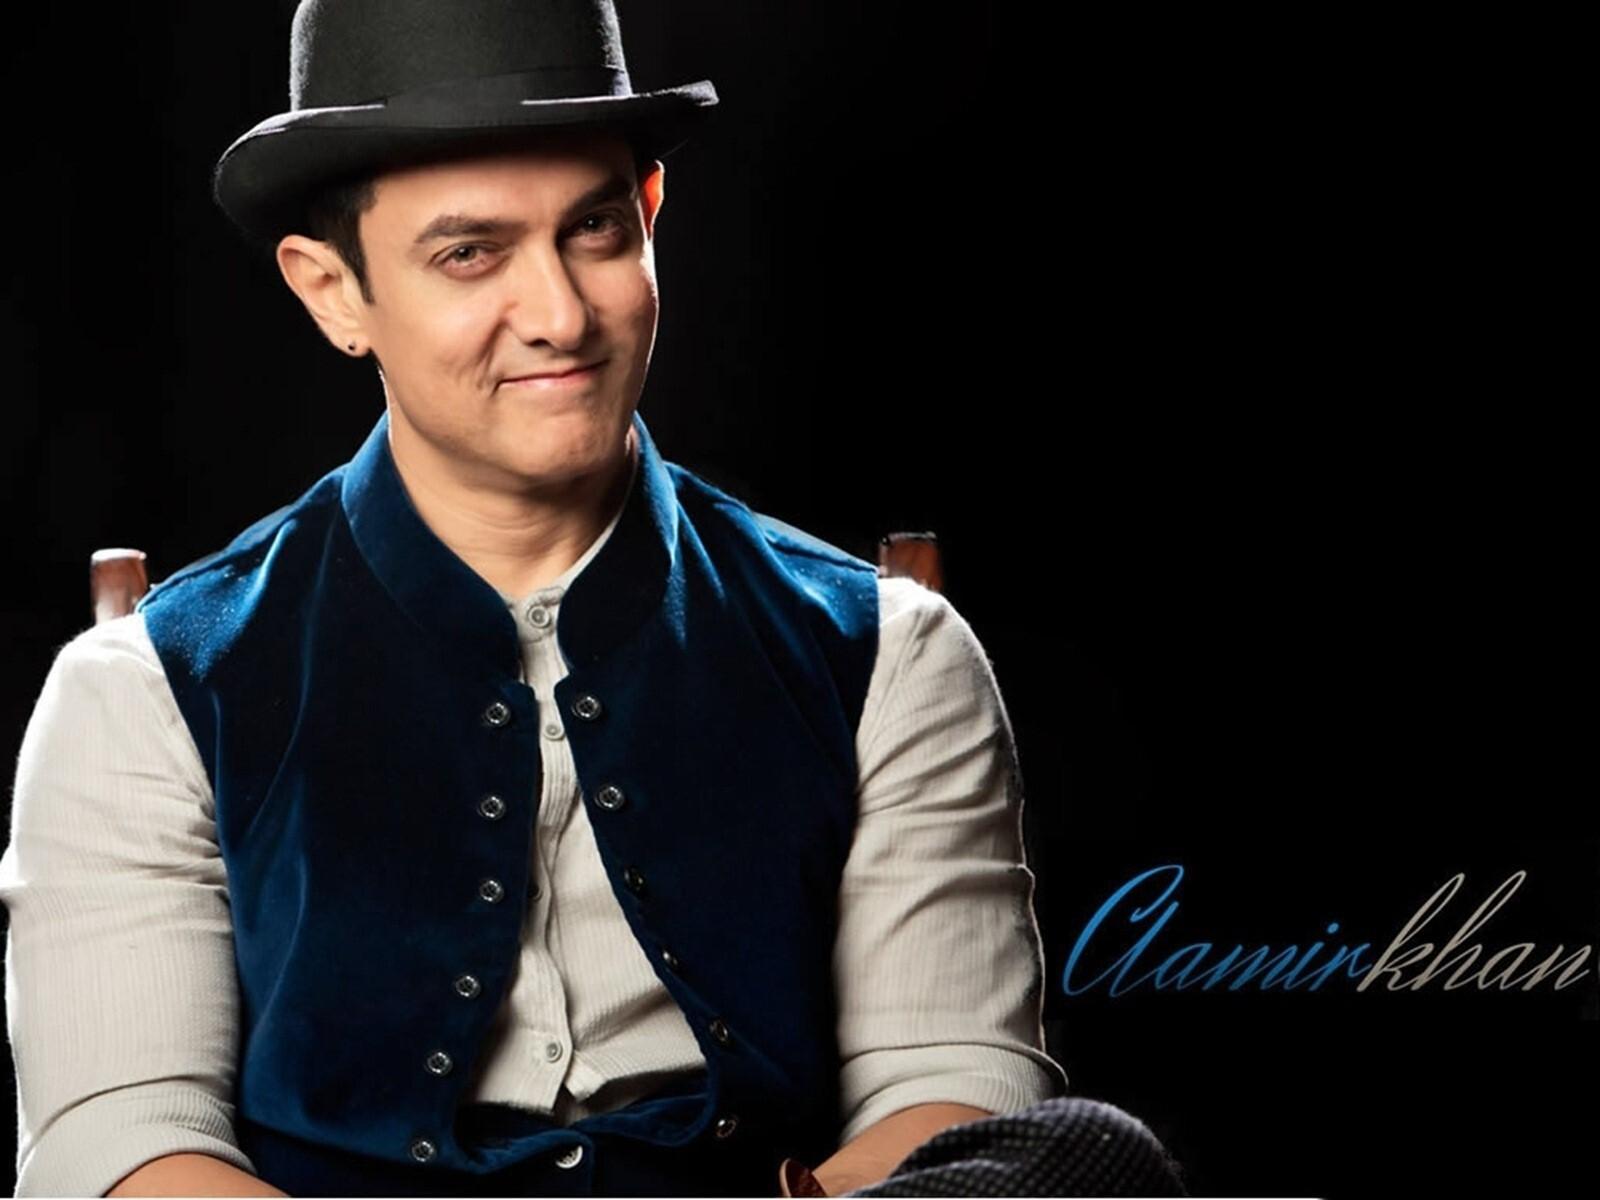 aamir khan in look of dhoom 3 moviephoto | hd wallpapers